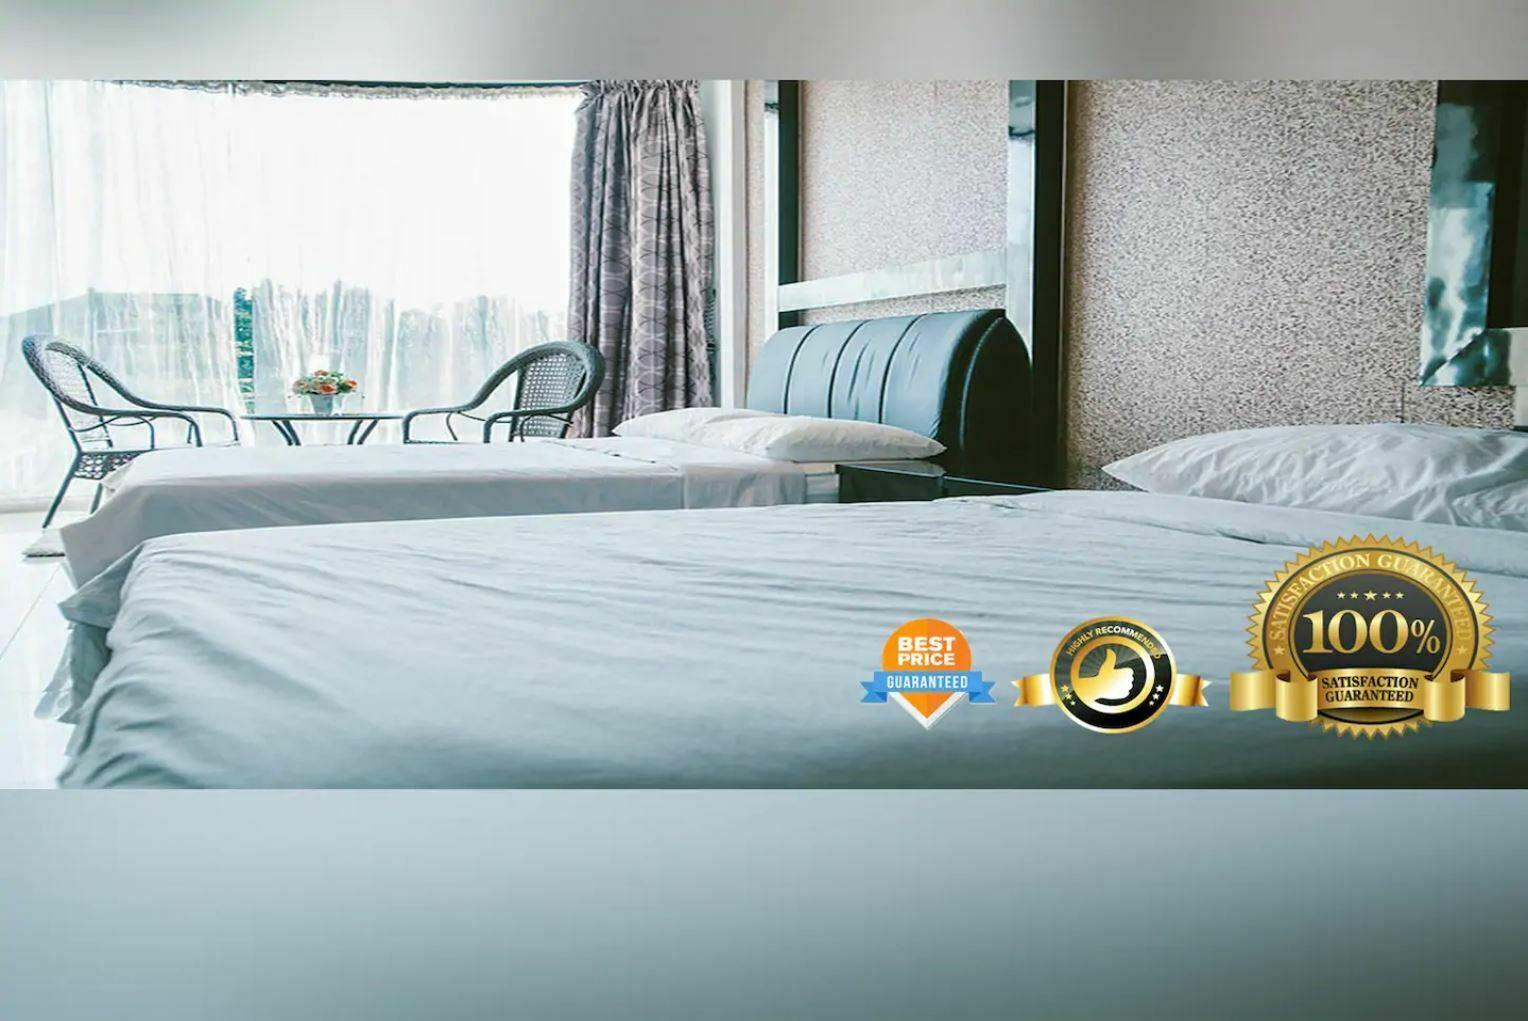 Airbnb Sumbang RM200.4 Juta Kepada Ekonomi Tempatan, Kat Mana Lokasi Yang Hot di Malaysia? 8